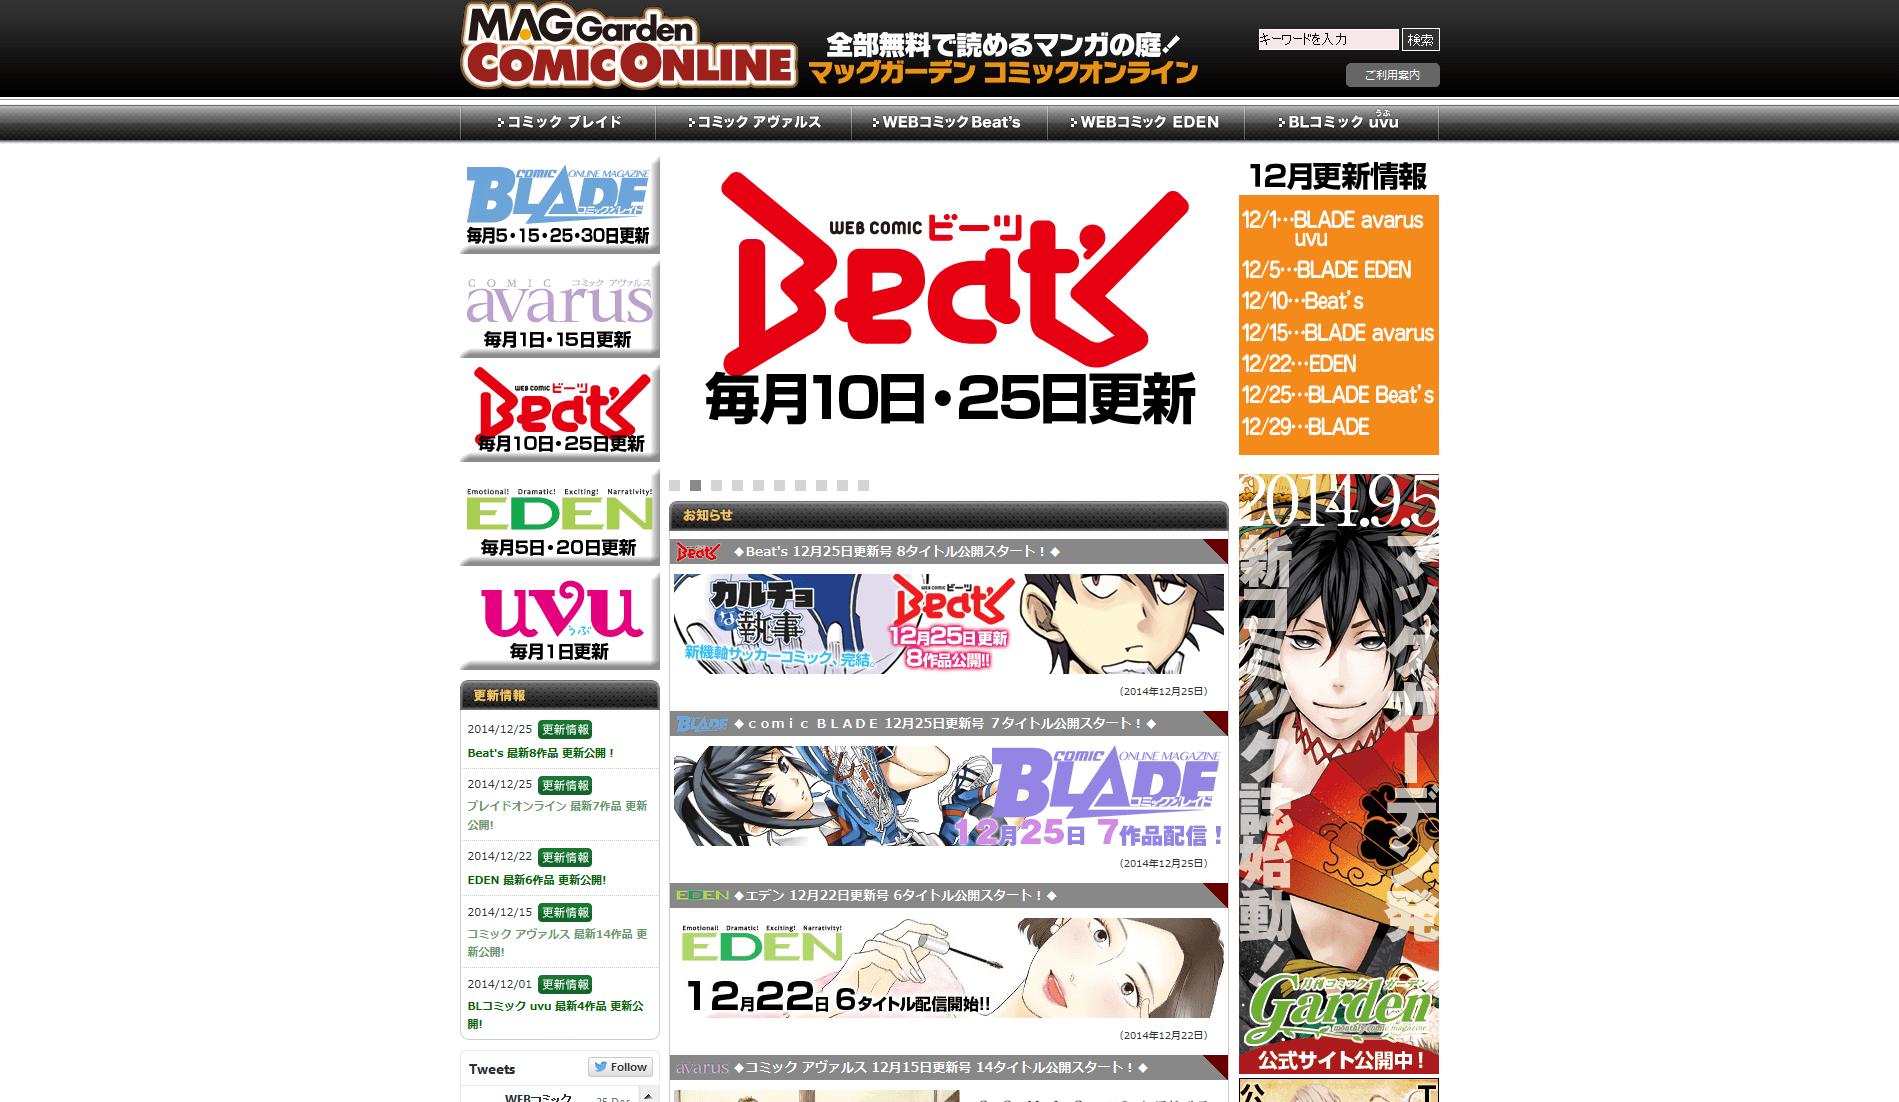 マッグガーデン・コミック・オンライン - 全部無料で読める! マンガの庭!